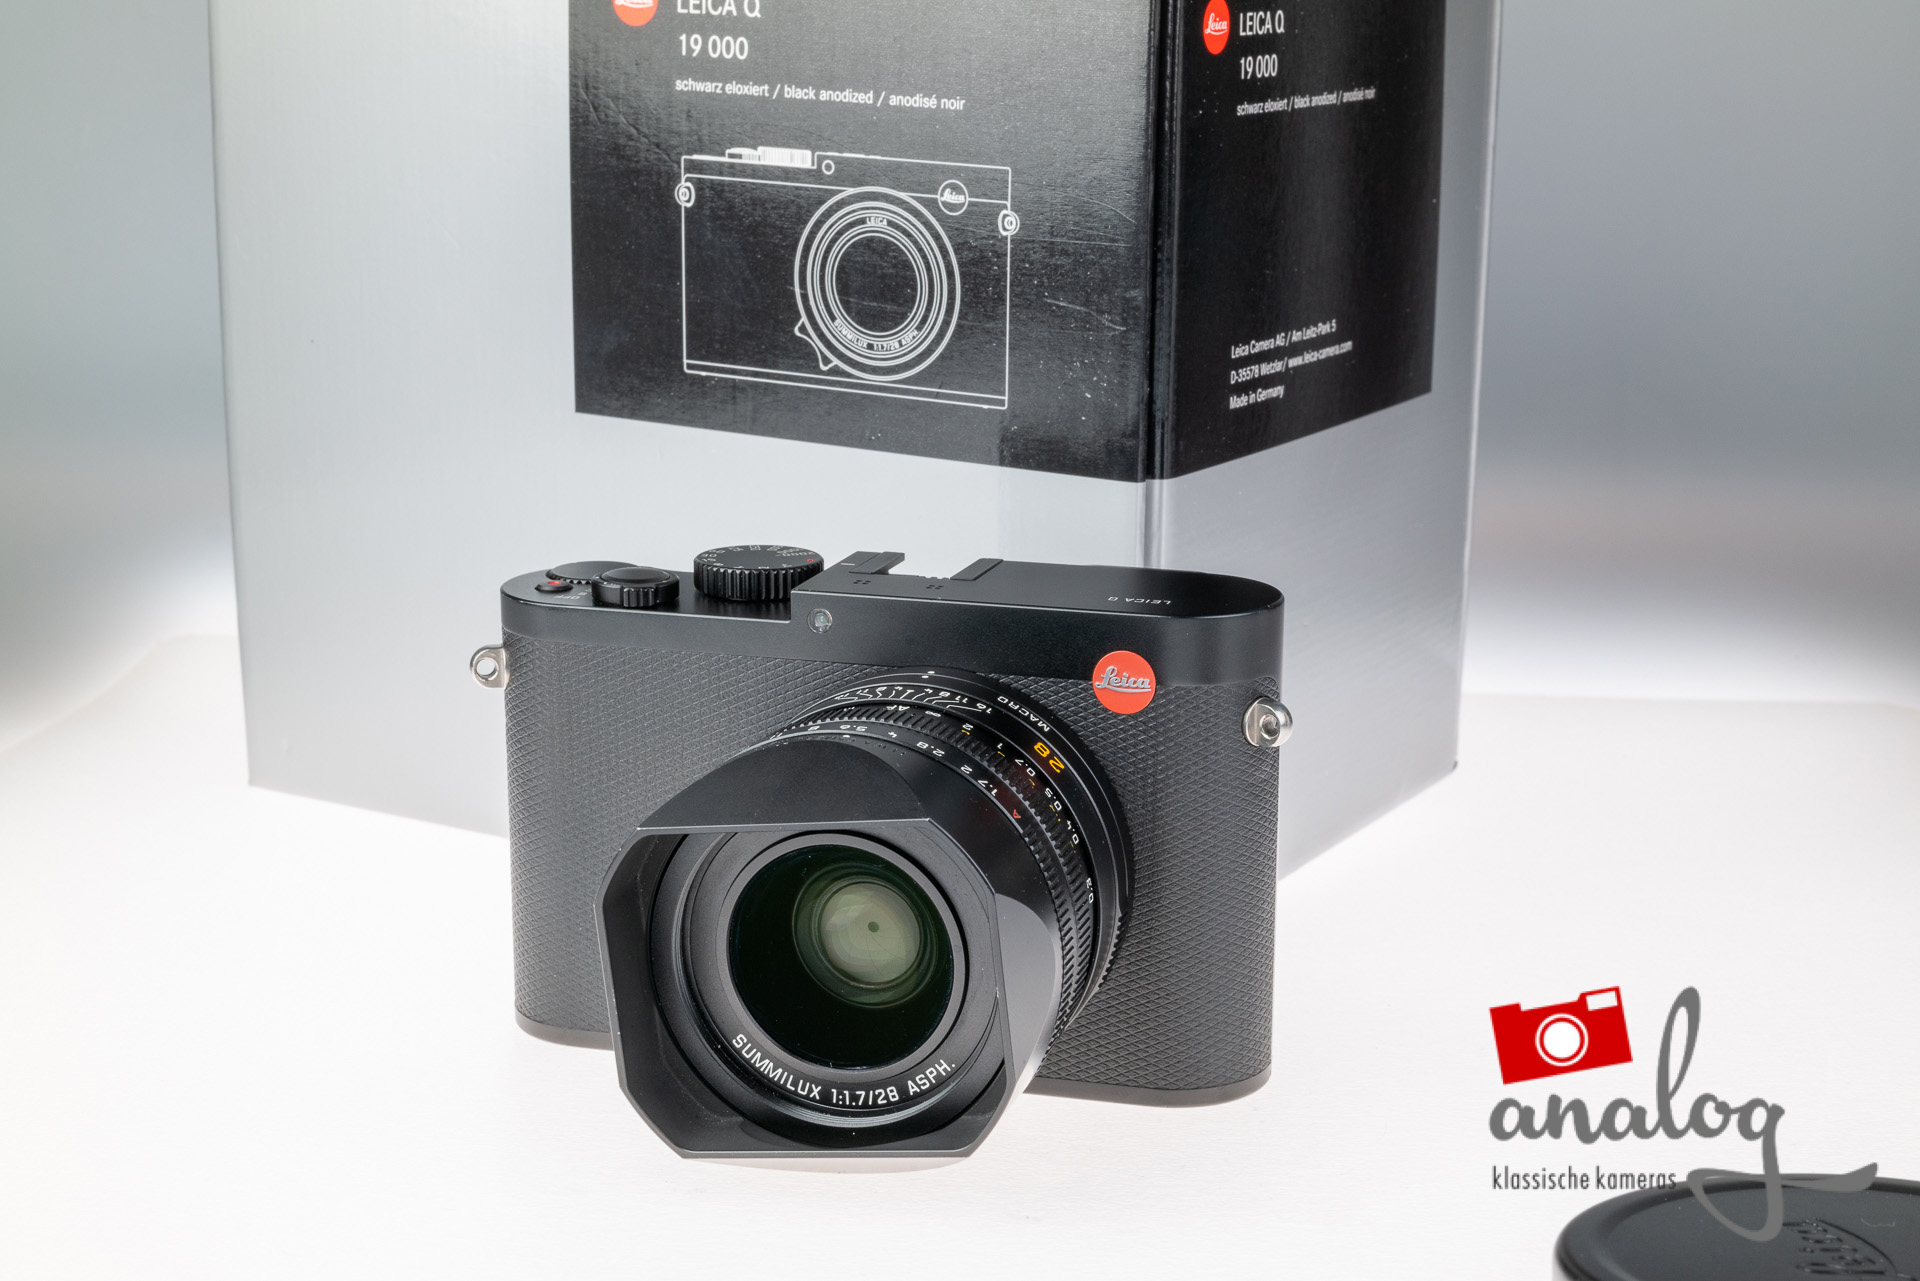 Leica Q - 19000